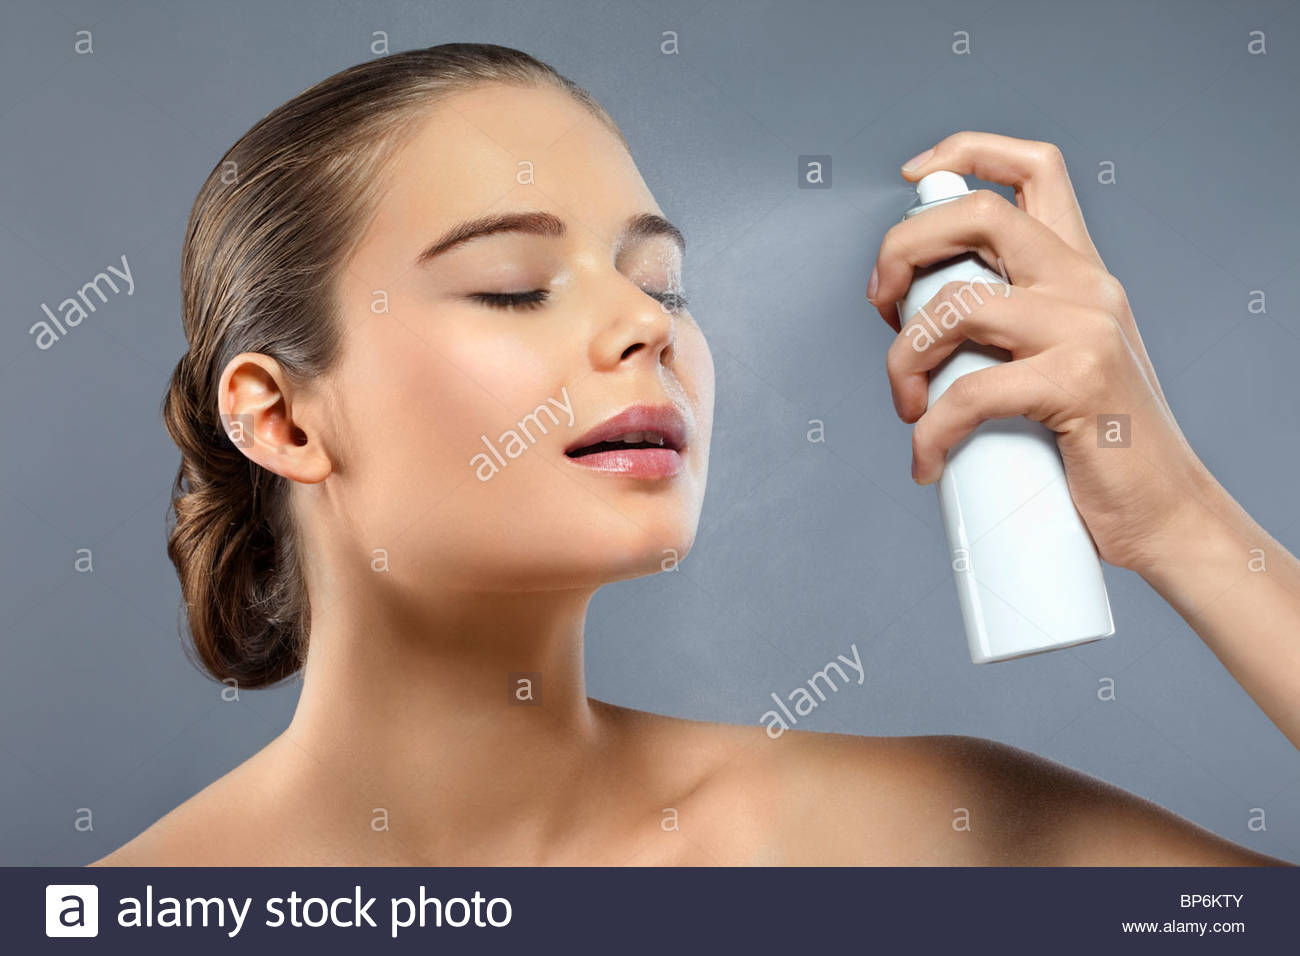 Una donna spruzzando il suo volto con spray idratante Immagini Stock